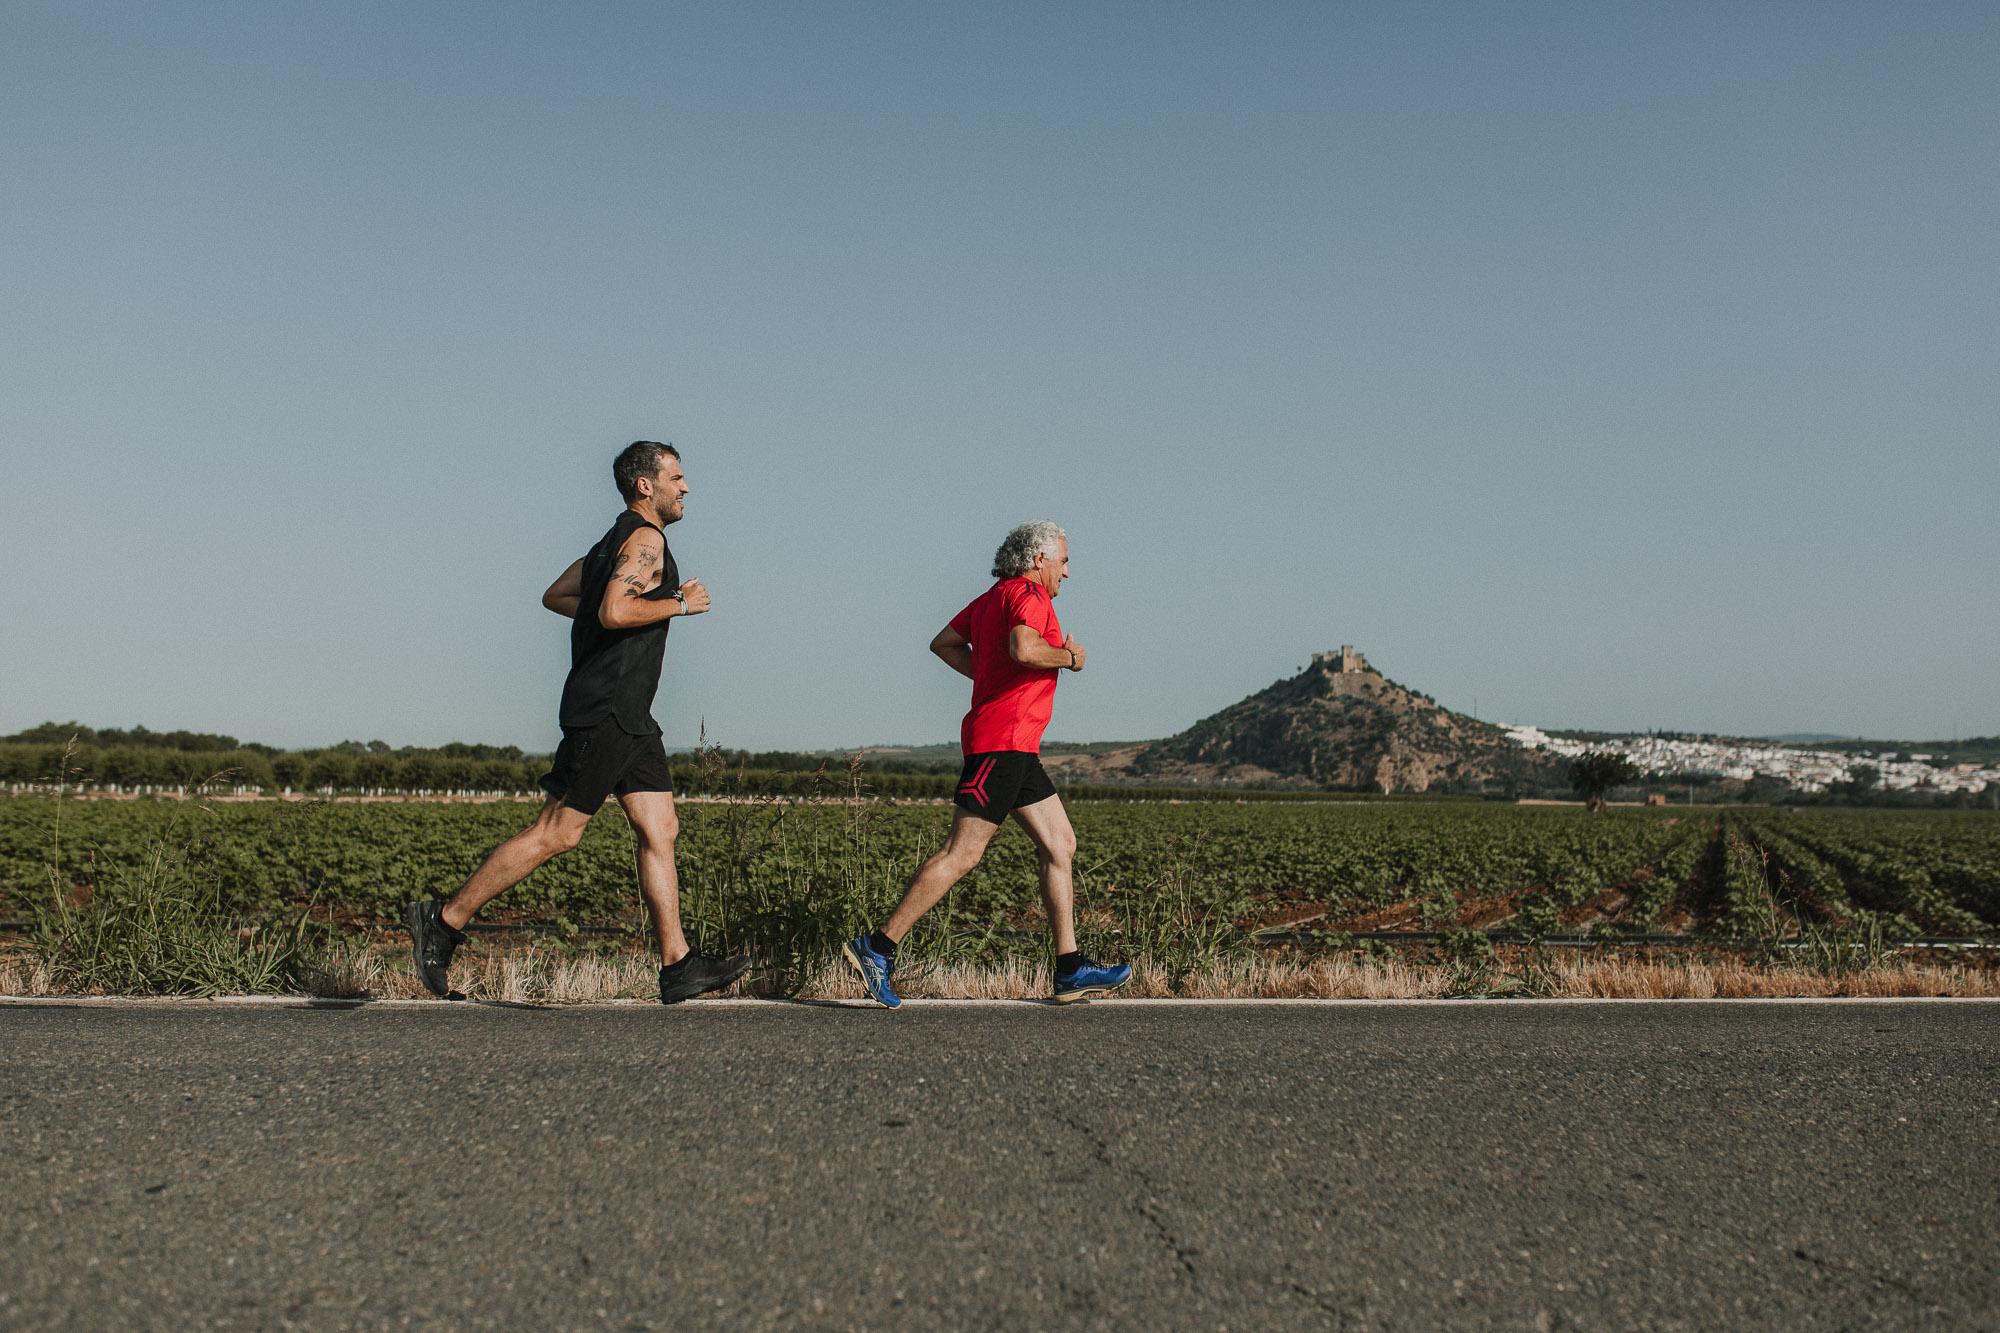 Reportaje de fotografía running